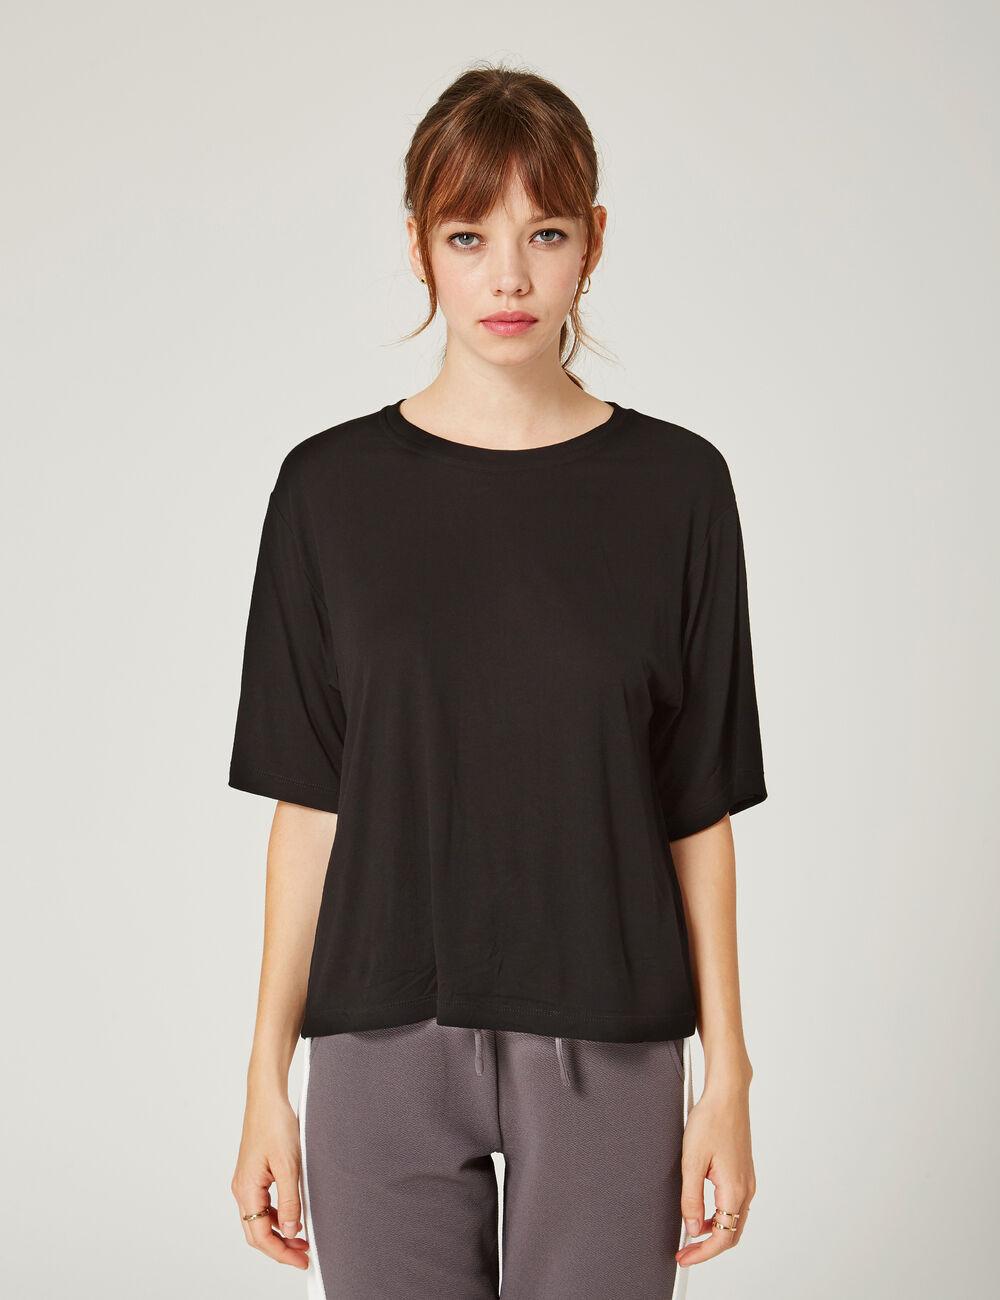 tee shirt d collet dos noir femme jennyfer. Black Bedroom Furniture Sets. Home Design Ideas